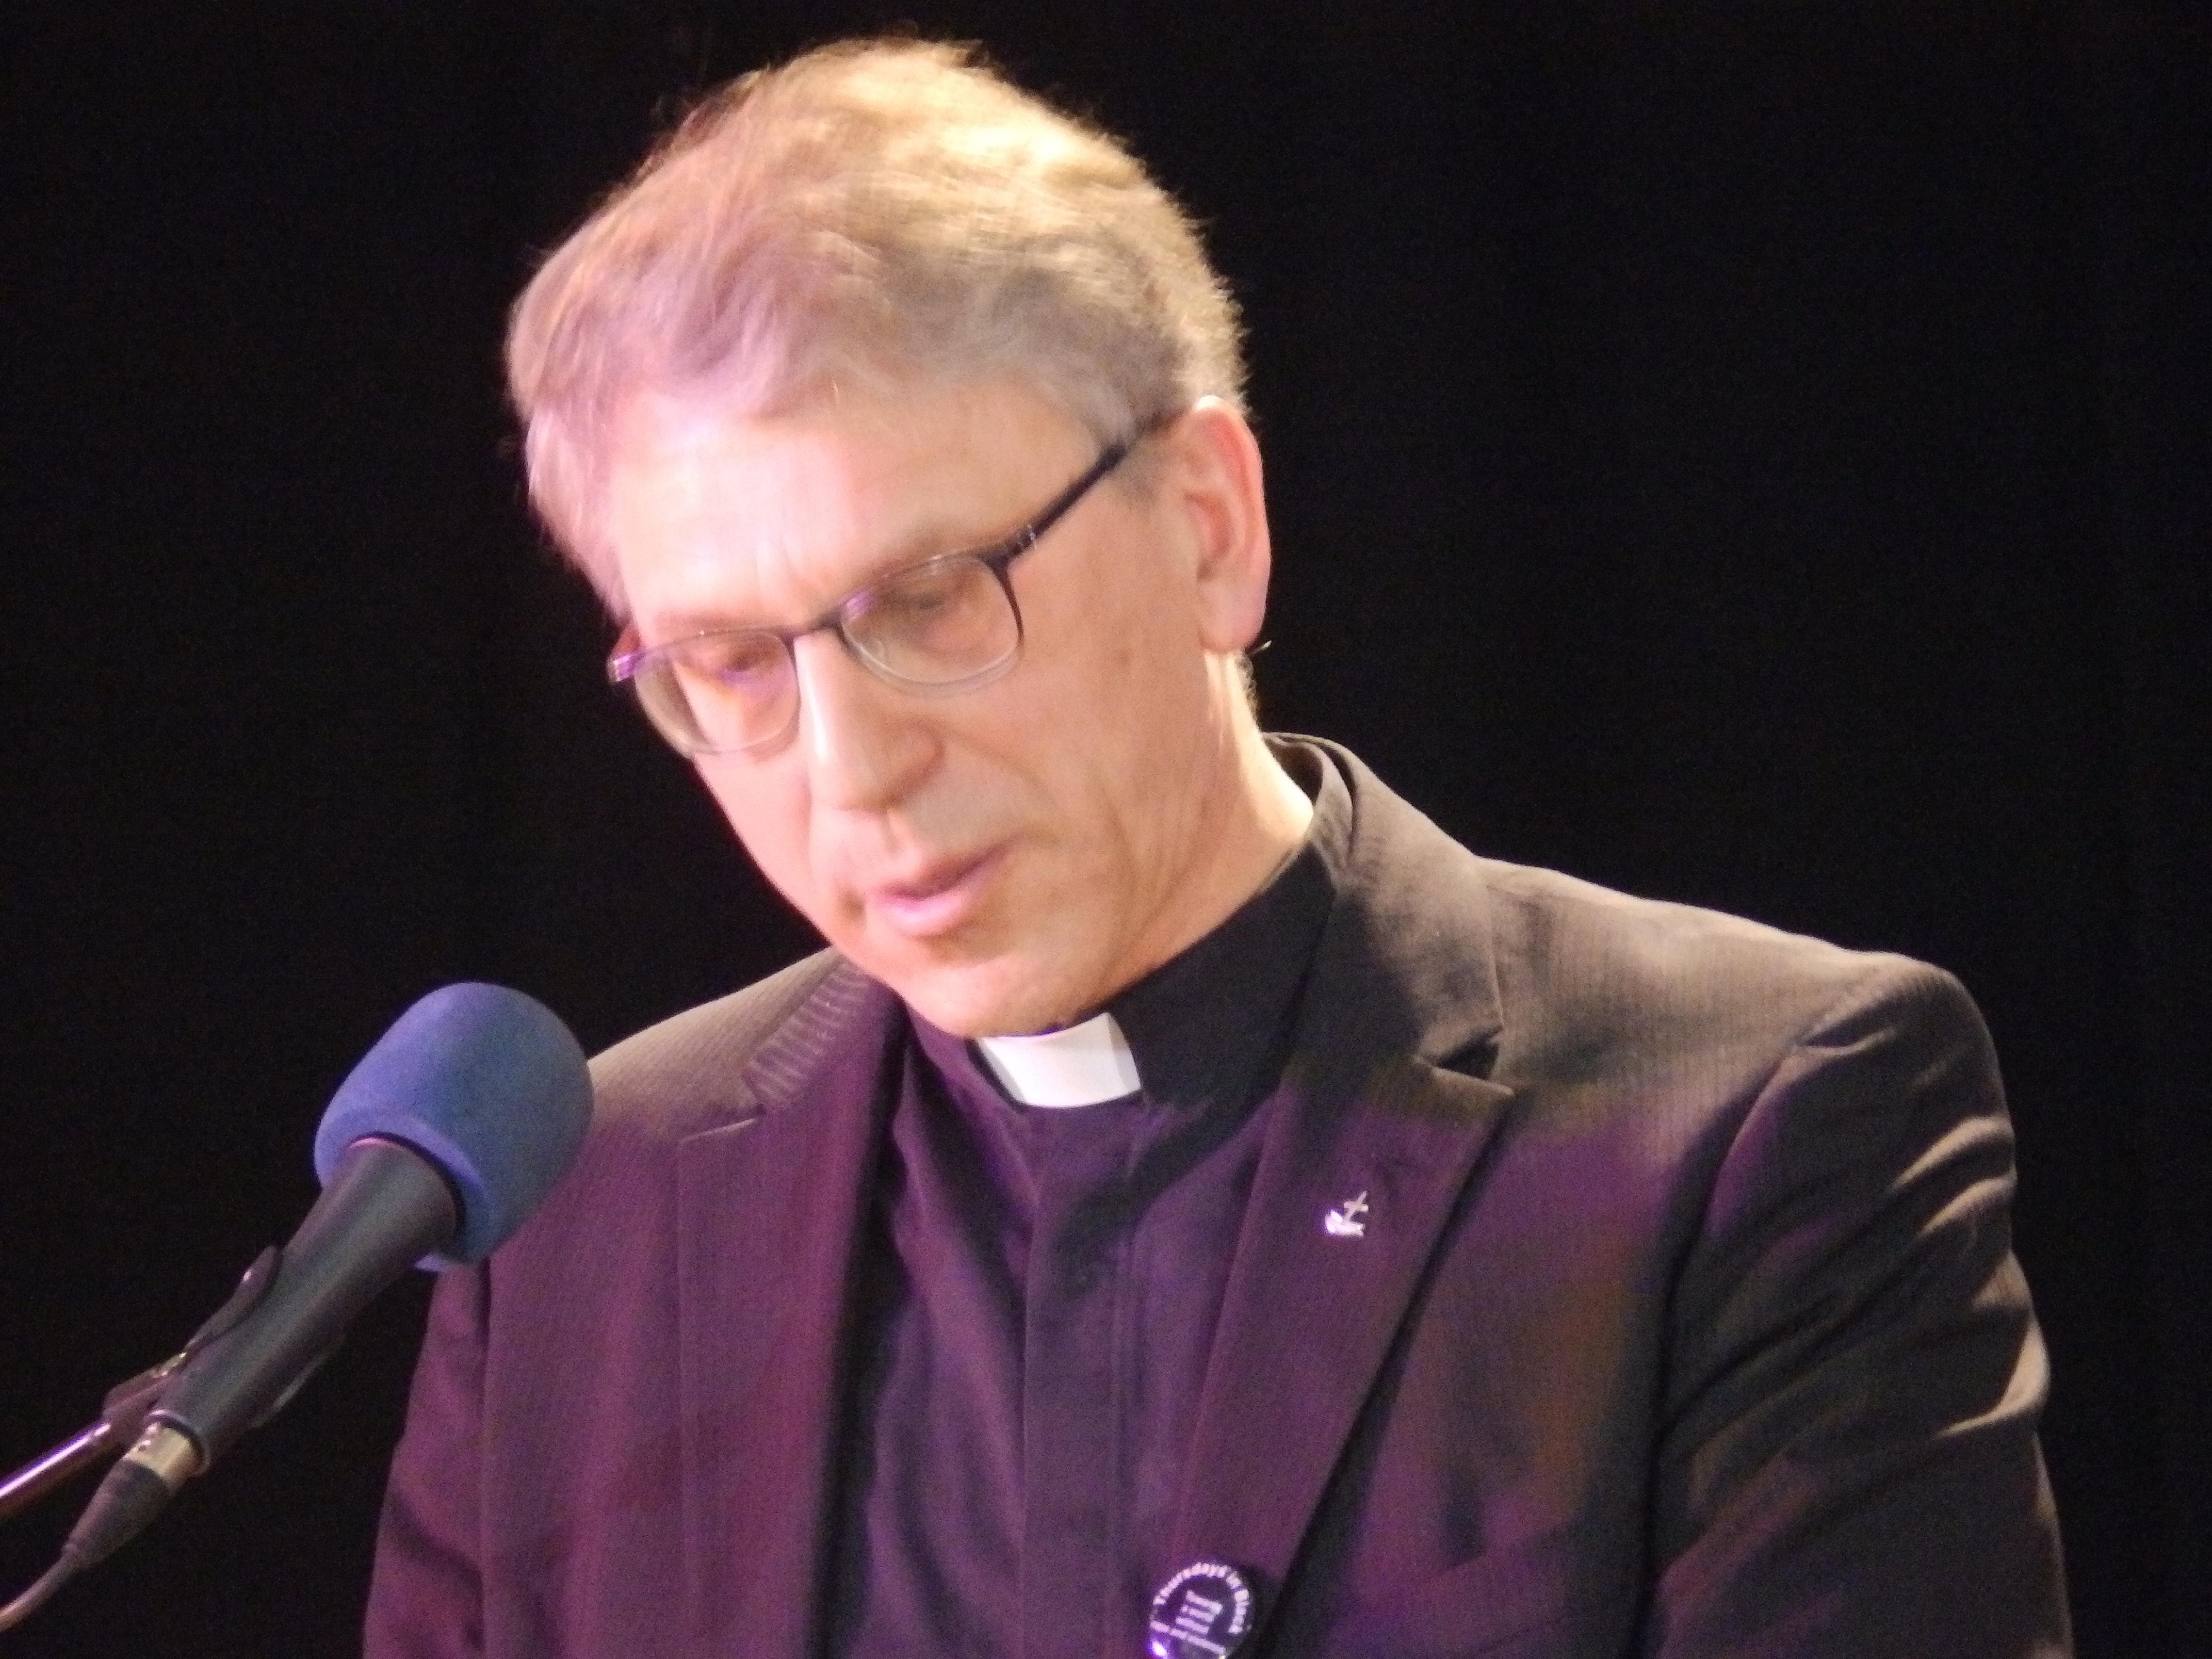 Pasteur Olav Fykse Tveit le Secrétaire Général du Conseil Oecuménique des Eglises lors de son discours d'ouverture de la Conférence